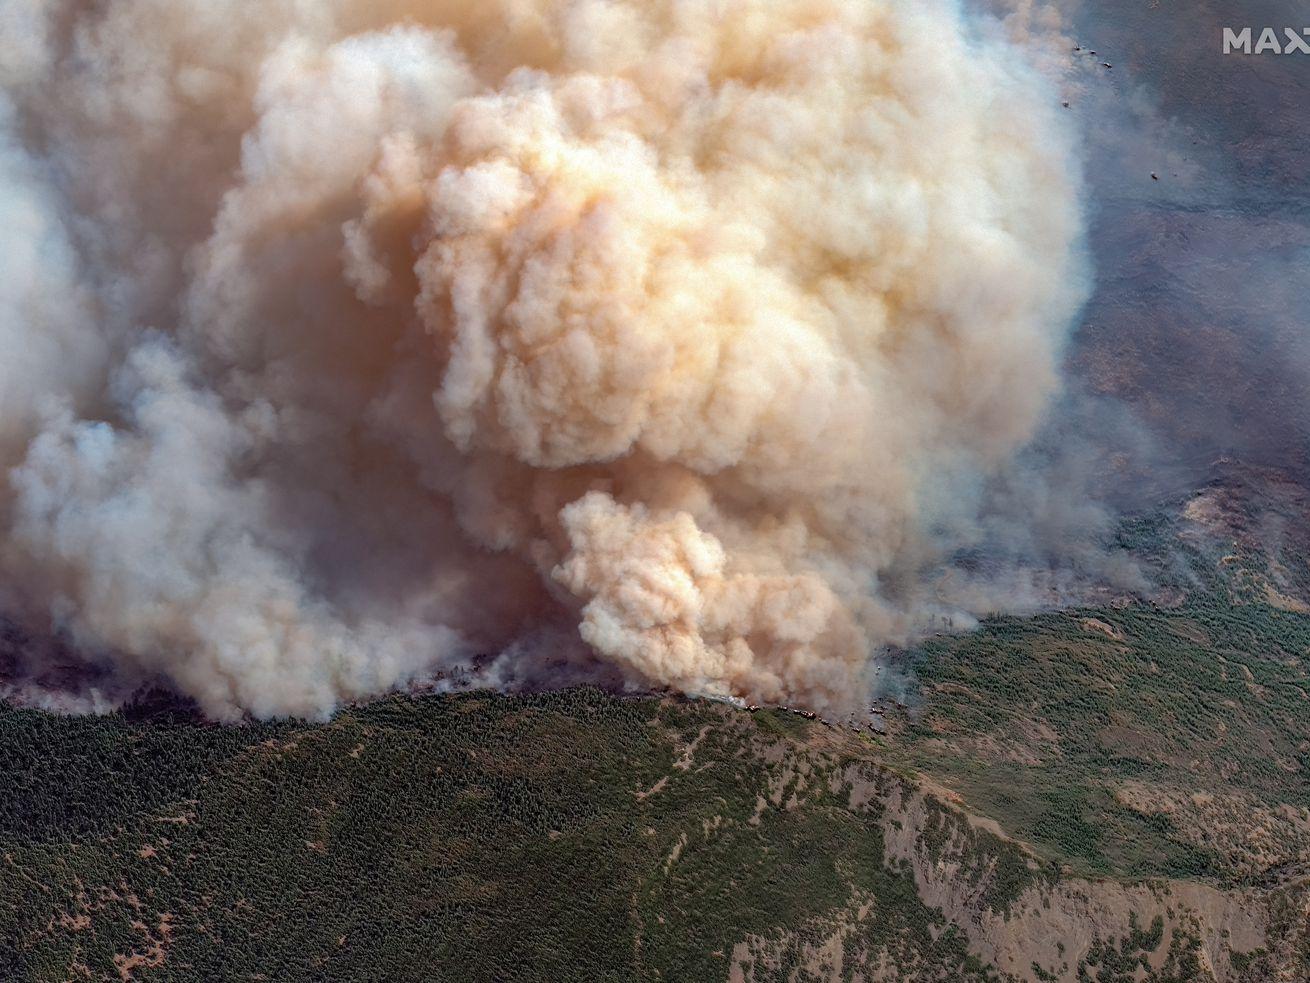 Imagerie satellite gros plan Maxar de la ligne de feu active de l'incendie complexe d'août près de Big Signal Peak